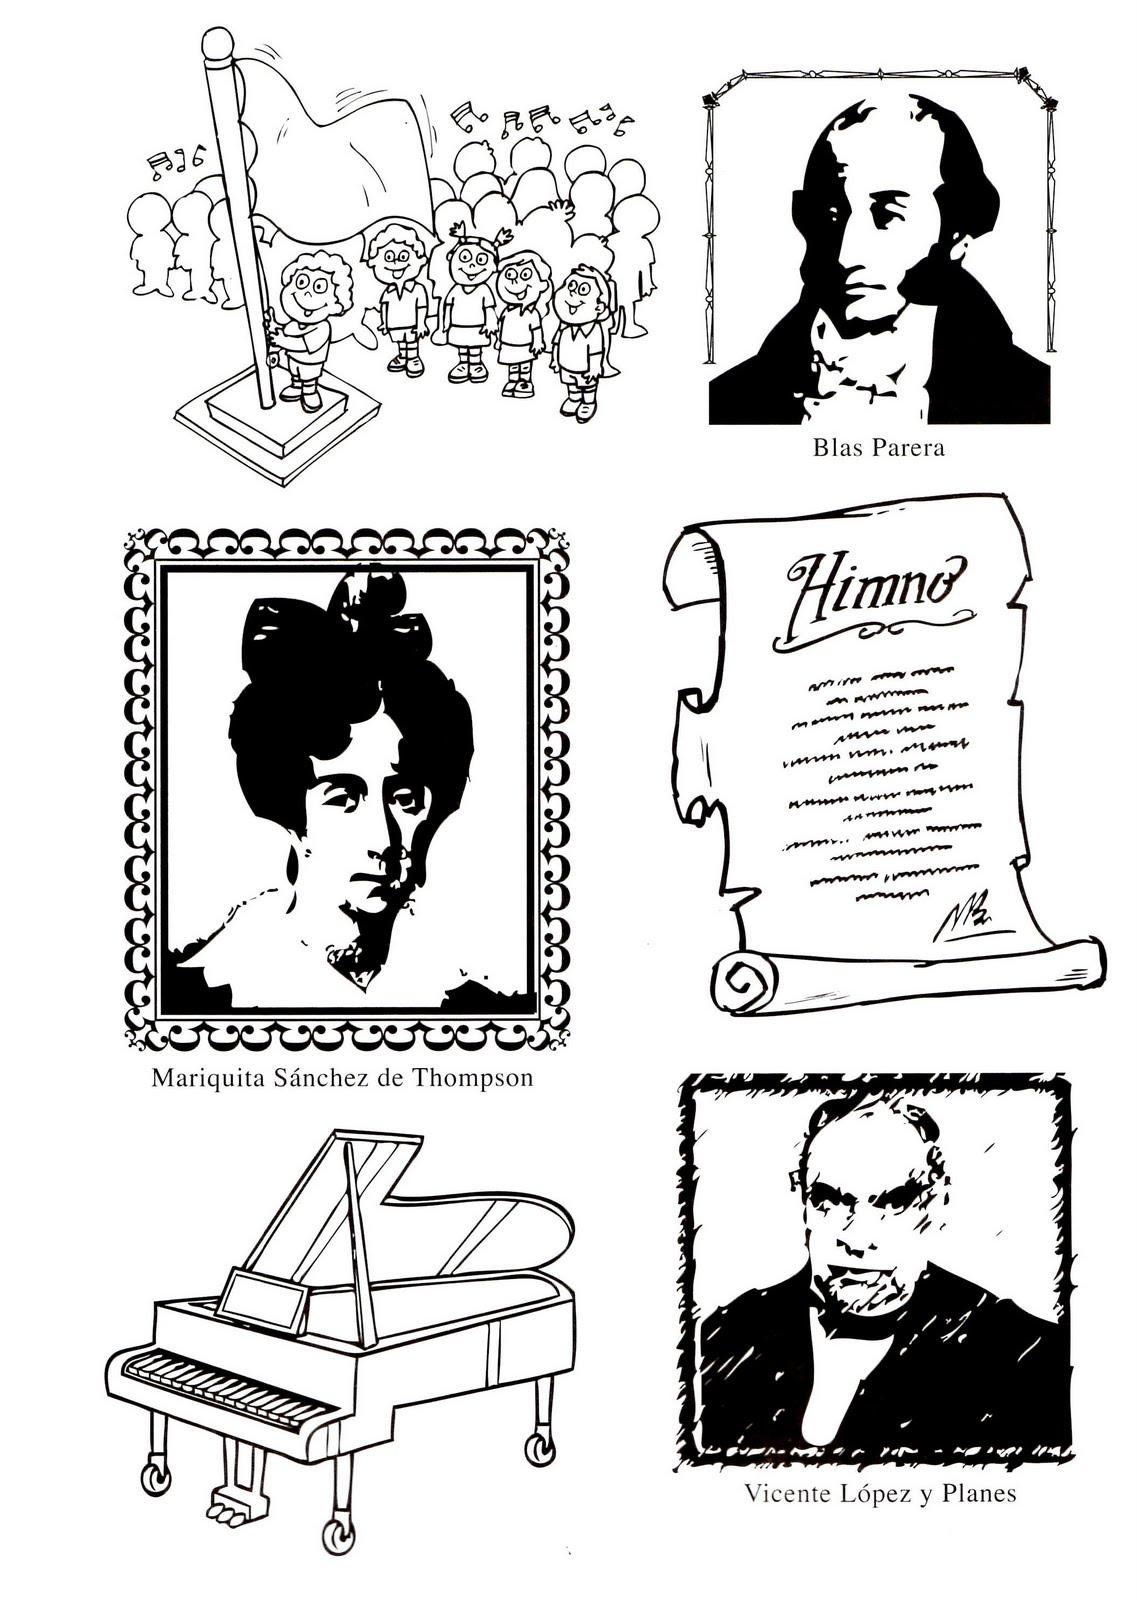 Dibujos Del Himno Nacional Del Peru Para Pintar | apexwallpapers.com